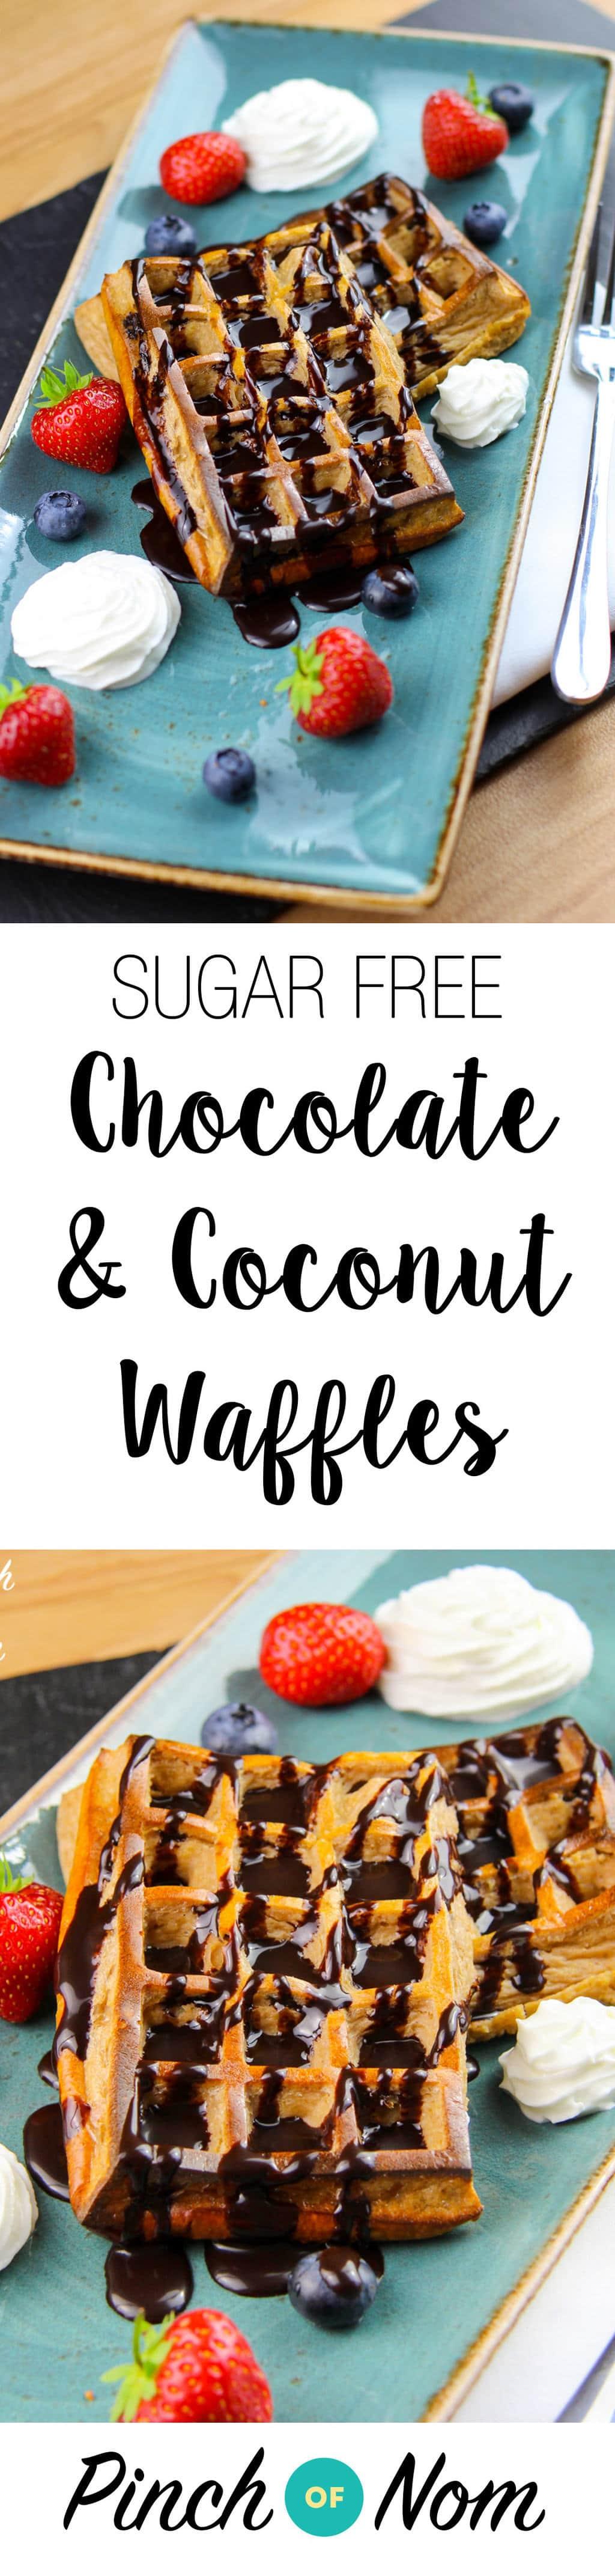 coconut-waffles-sugar-free